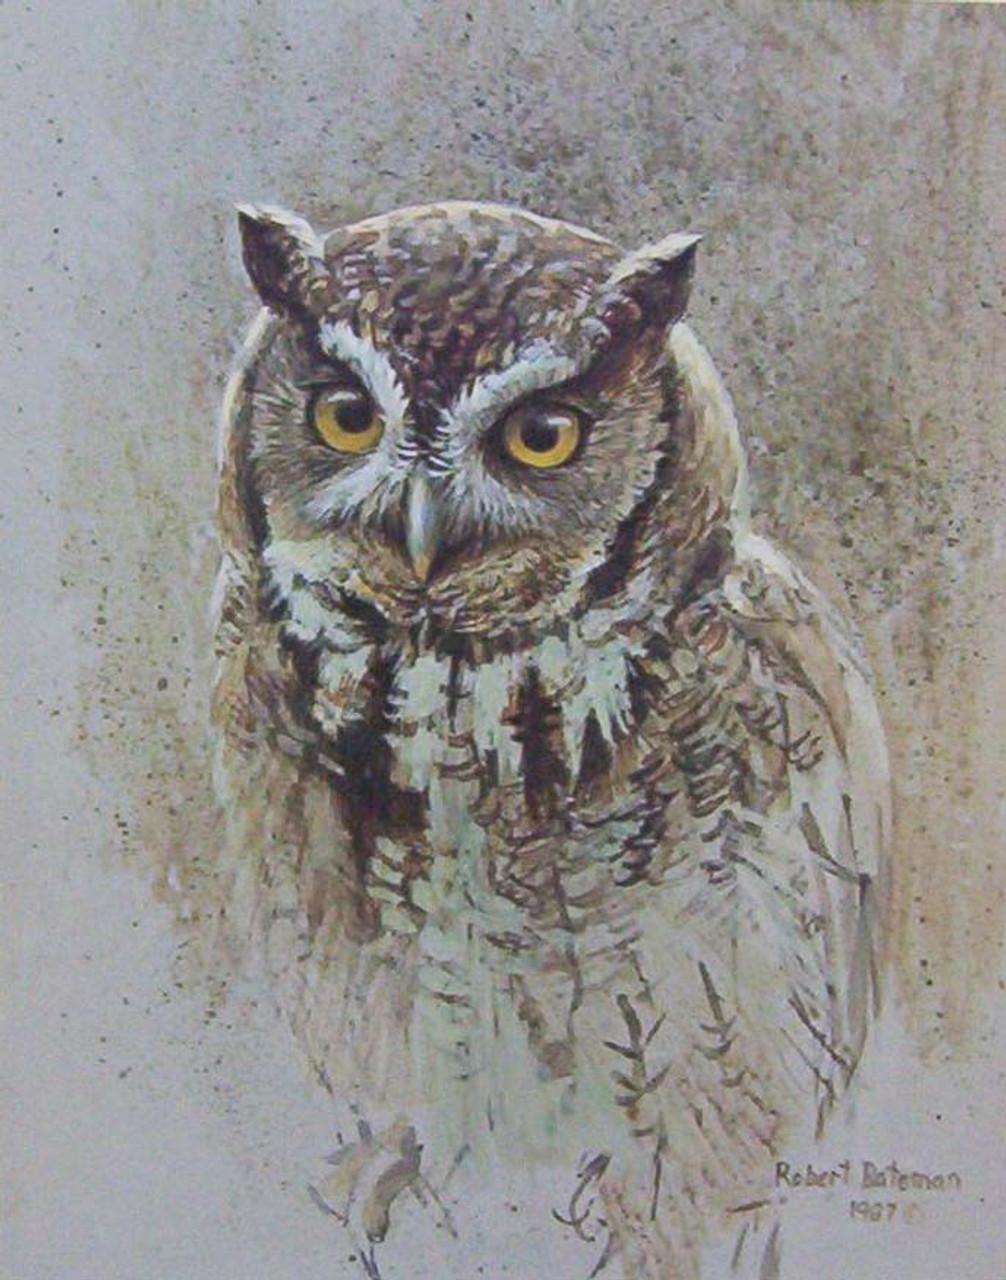 Screech Owl Study by Robert Bateman